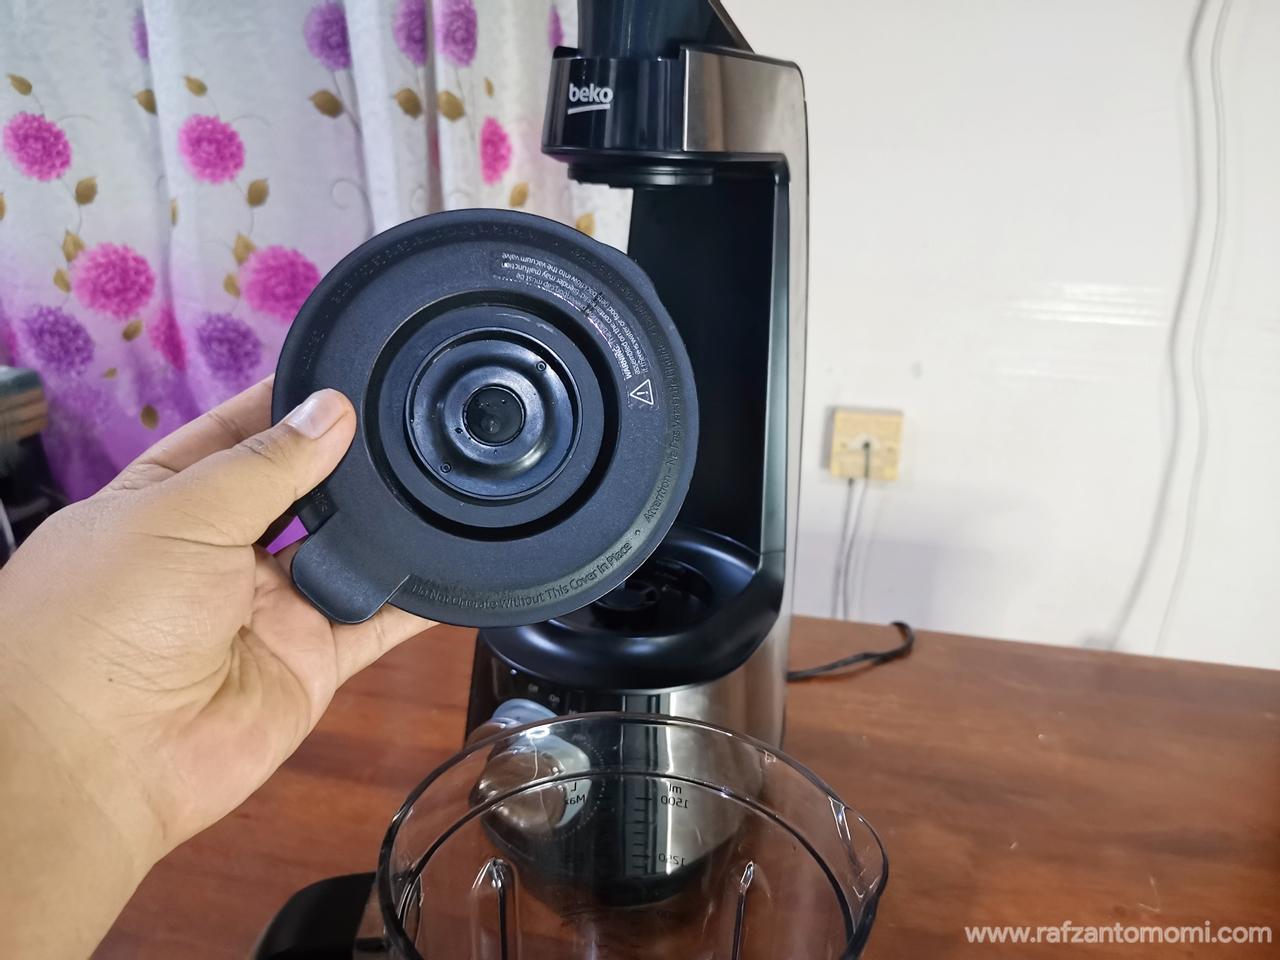 Beko Vacuum Blender